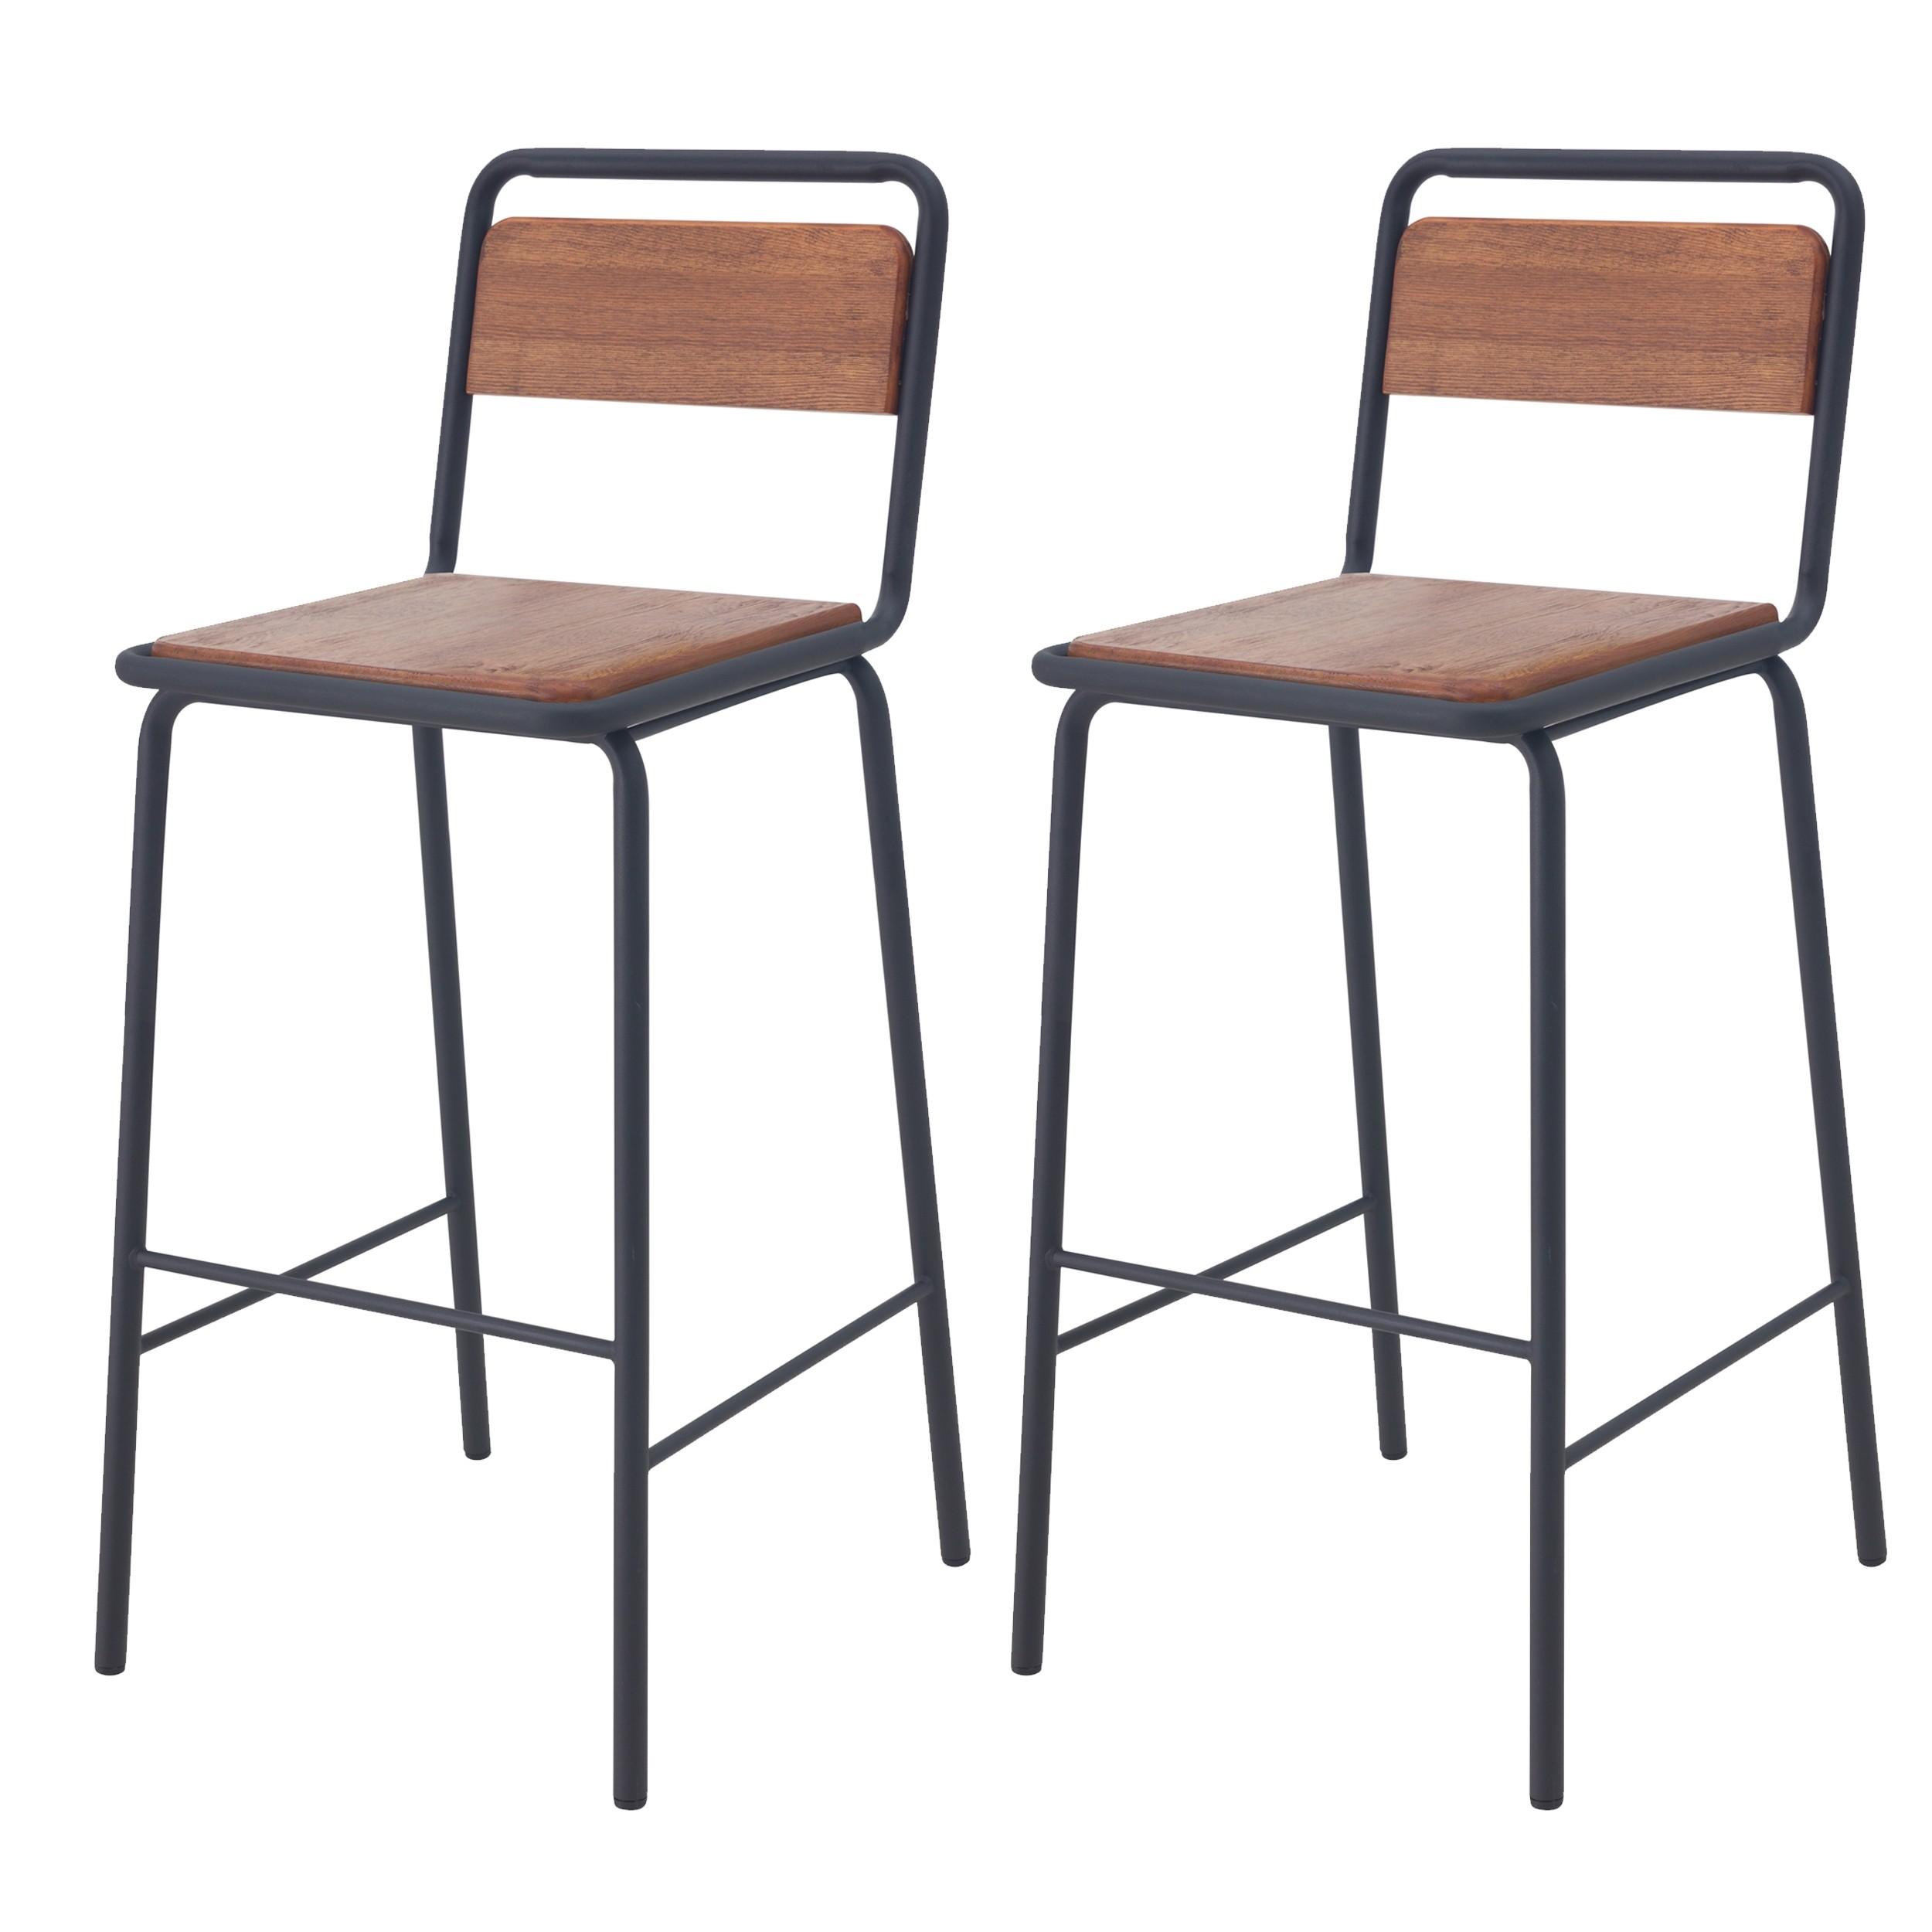 acheter chaises de bar ecolier bois